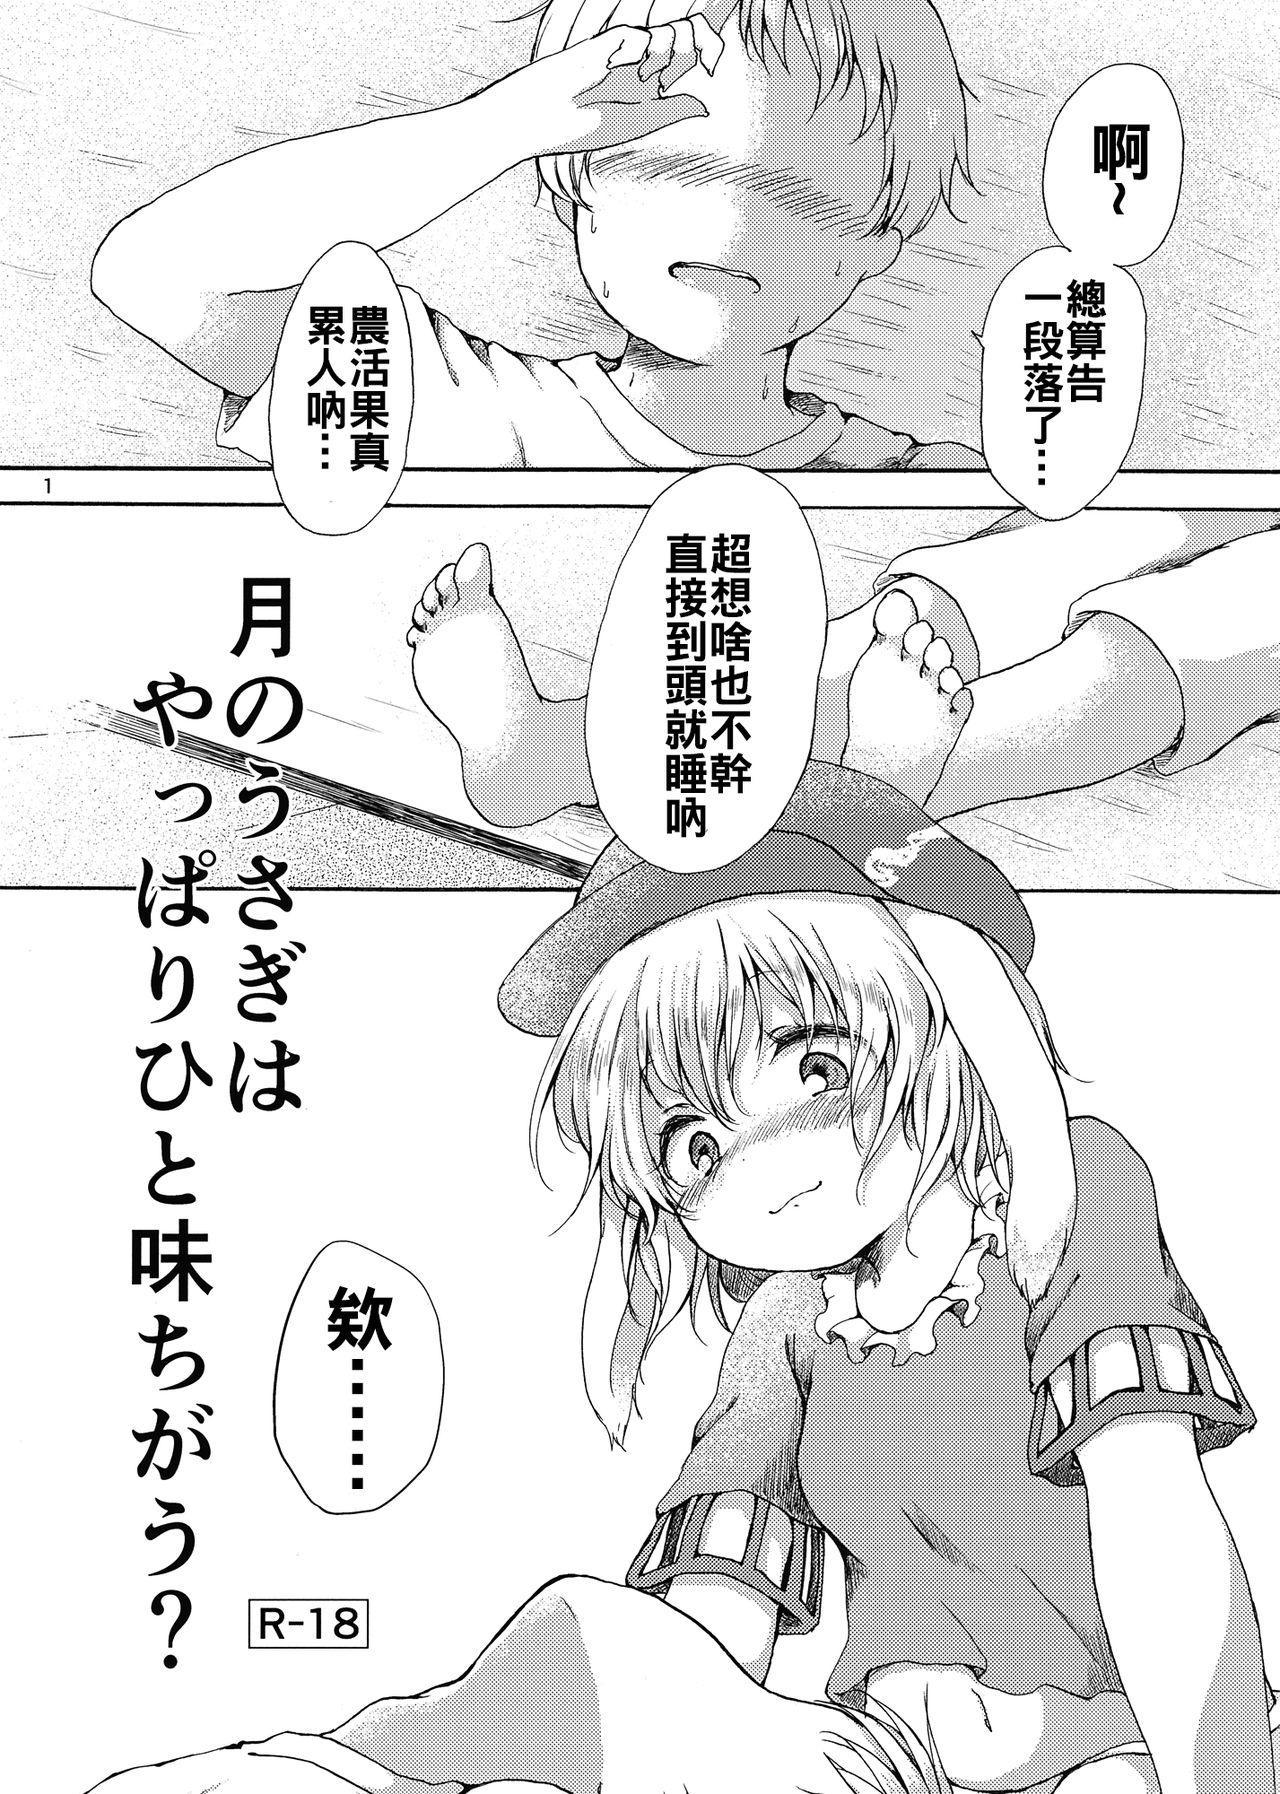 Tsuki no Usagi wa Yappari Hito Aji Chigau? 2